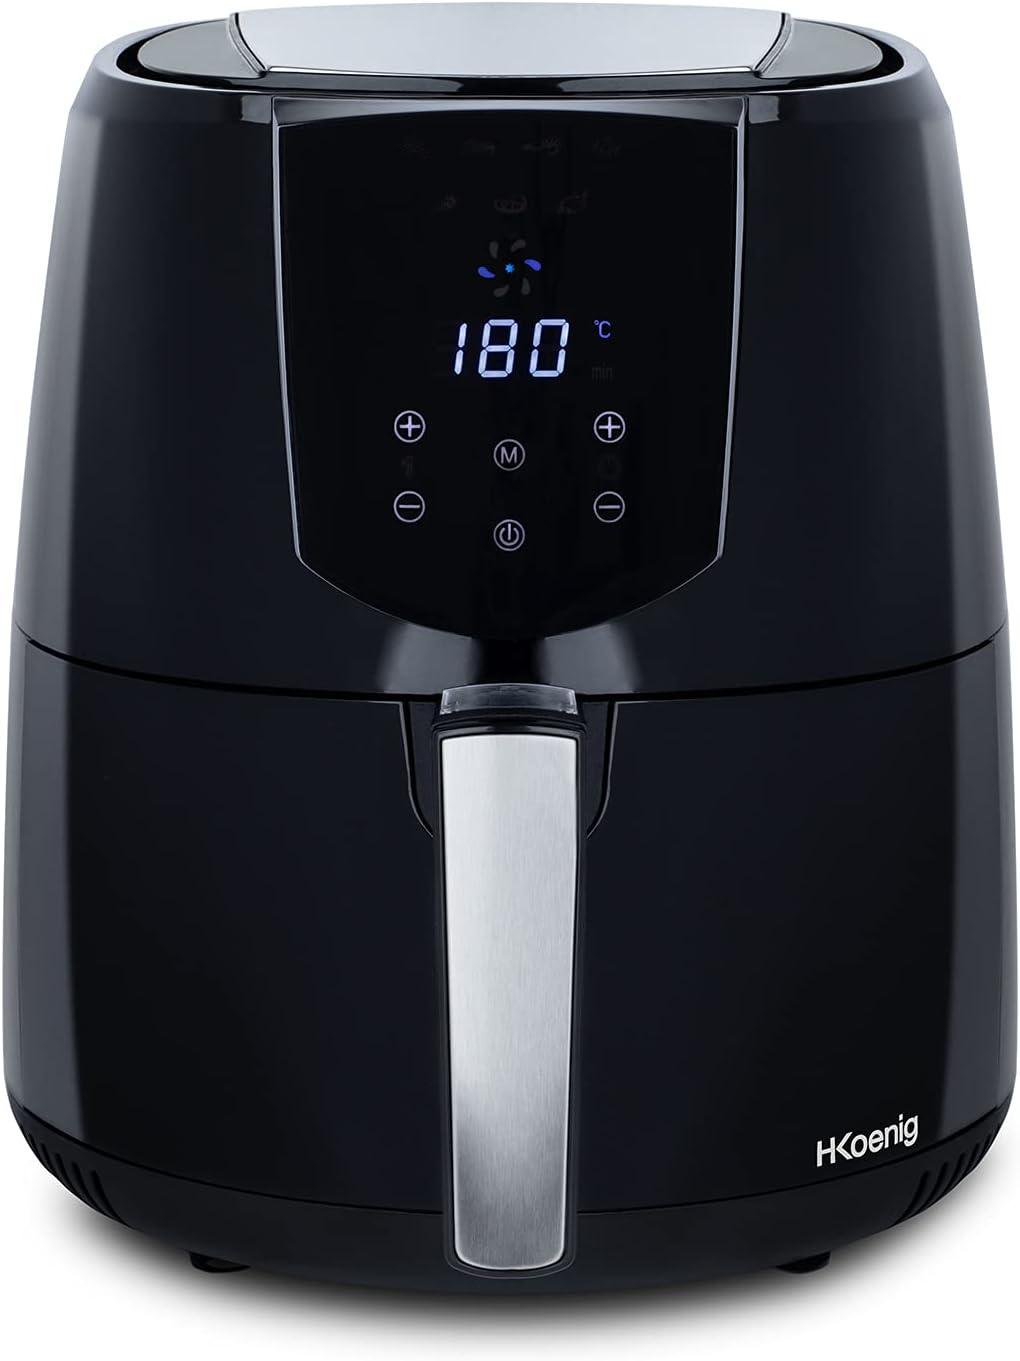 H.Koenig FRY800 Freidora Sin Aceite, Freidora de aire, Capacidad 4L, 7 Programas, 1400 W, Temperatura Regulable hasta 200 °C, Temporizador 60 Mins, Pantalla LCD, Tamaño Compacto, Acero Inoxidable